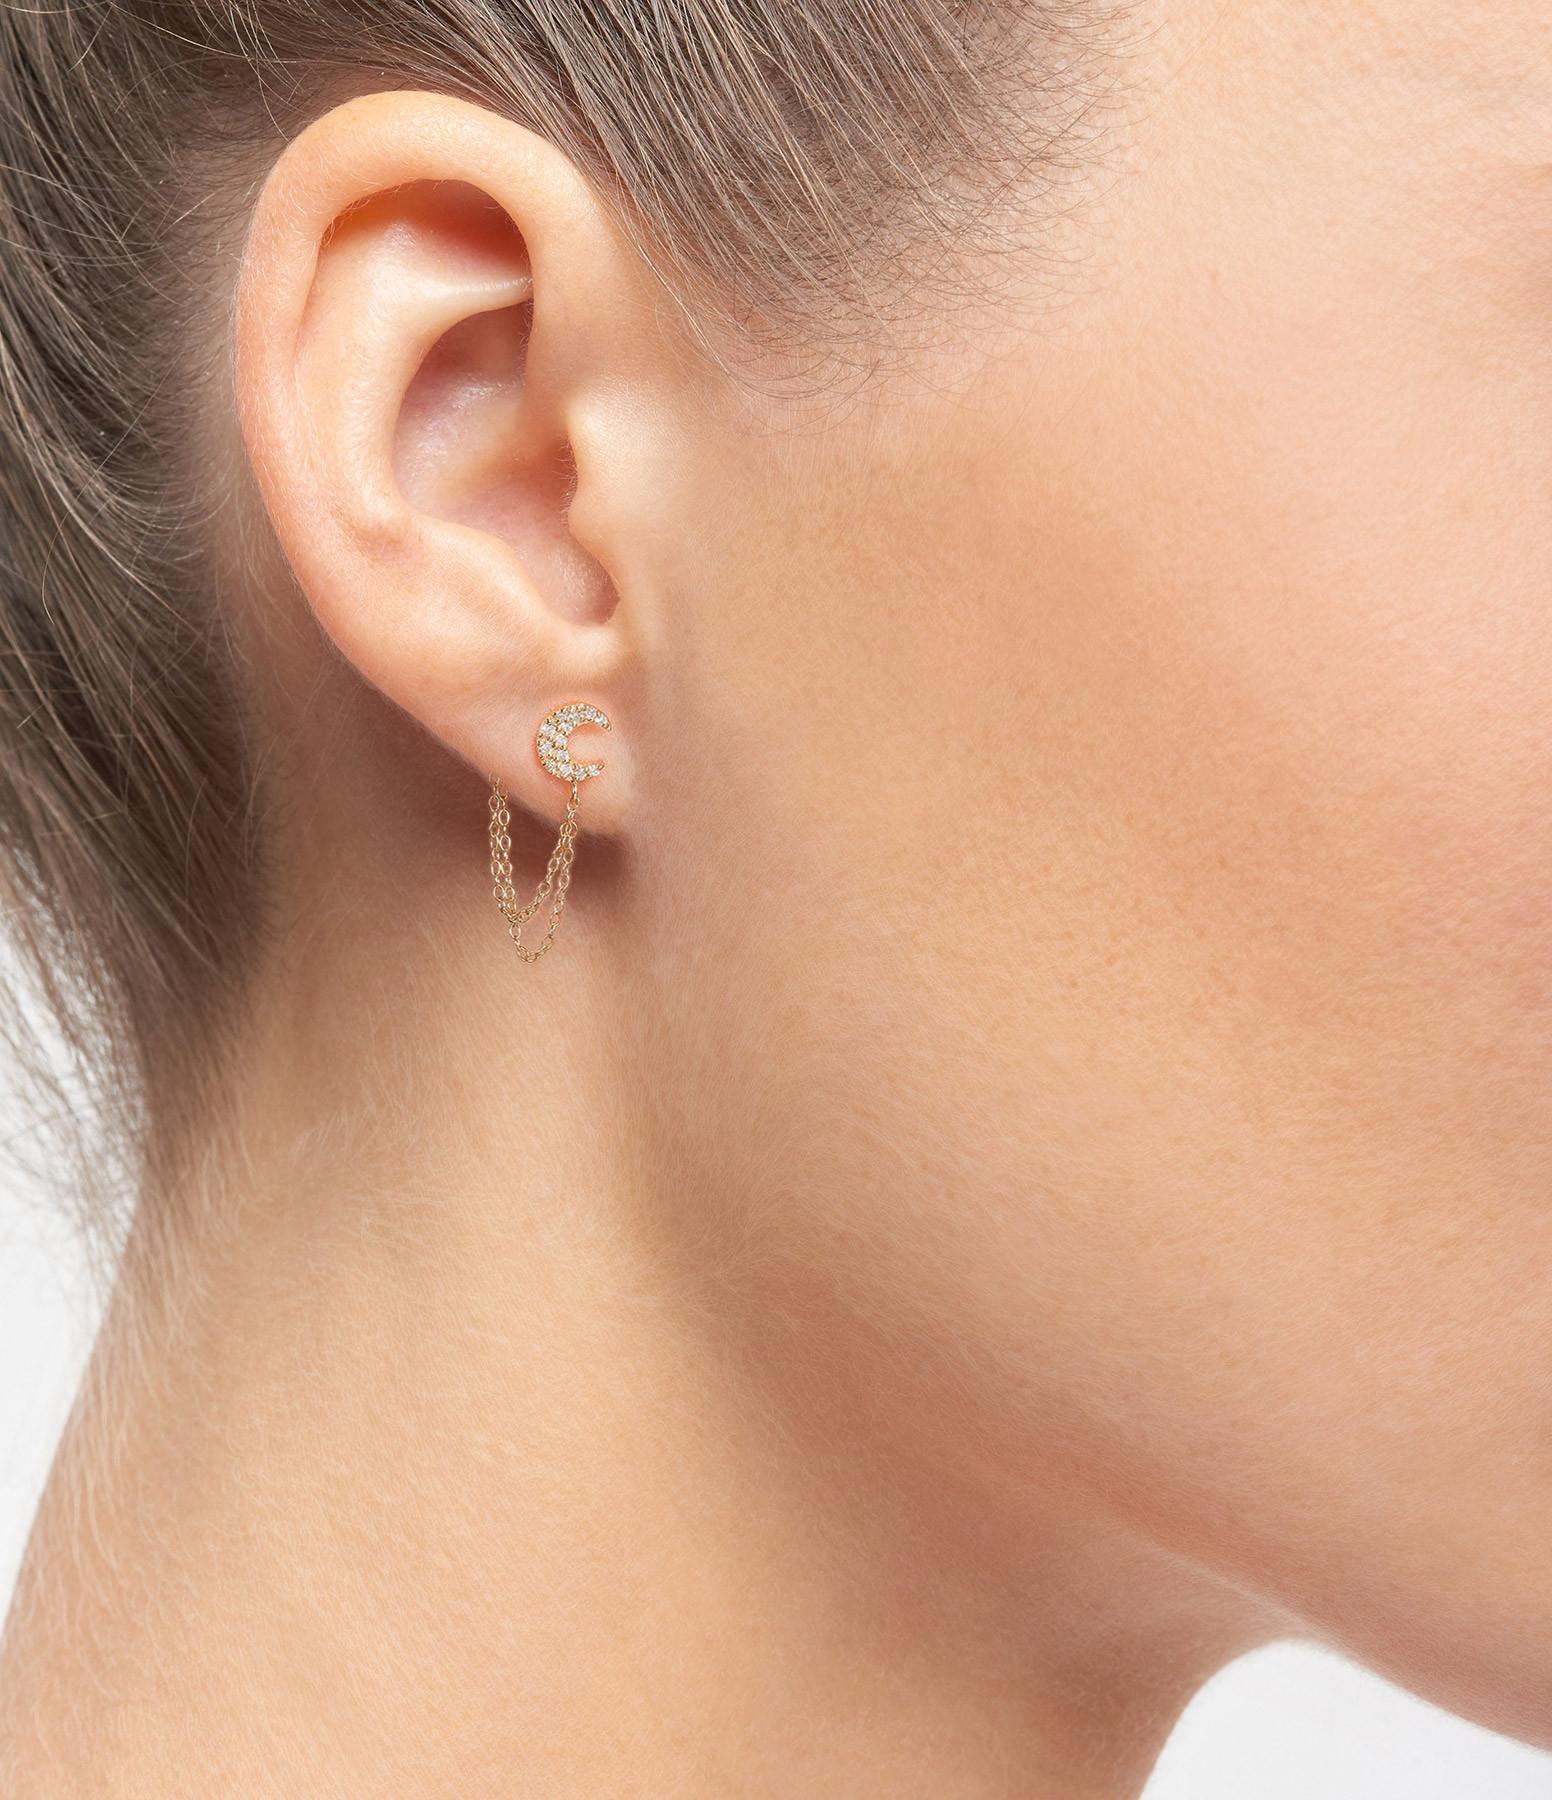 AND...PARIS - Boucle d'oreille Double Chaîne Lune Diamants Or (vendue à l'unité)